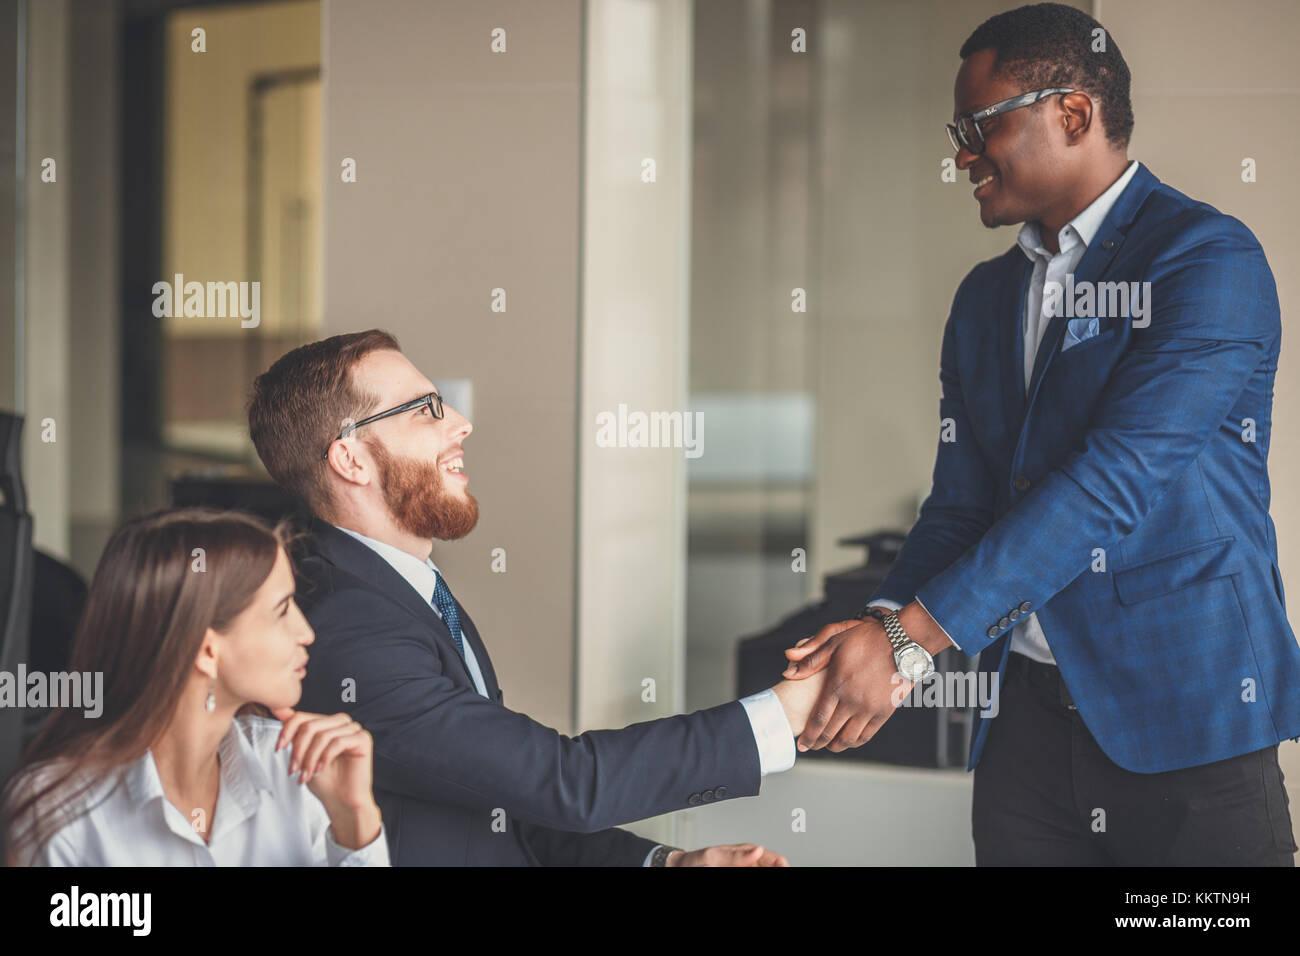 Geschäft Leute die Hände schütteln, bis Beendigung einer Versammlung Stockbild